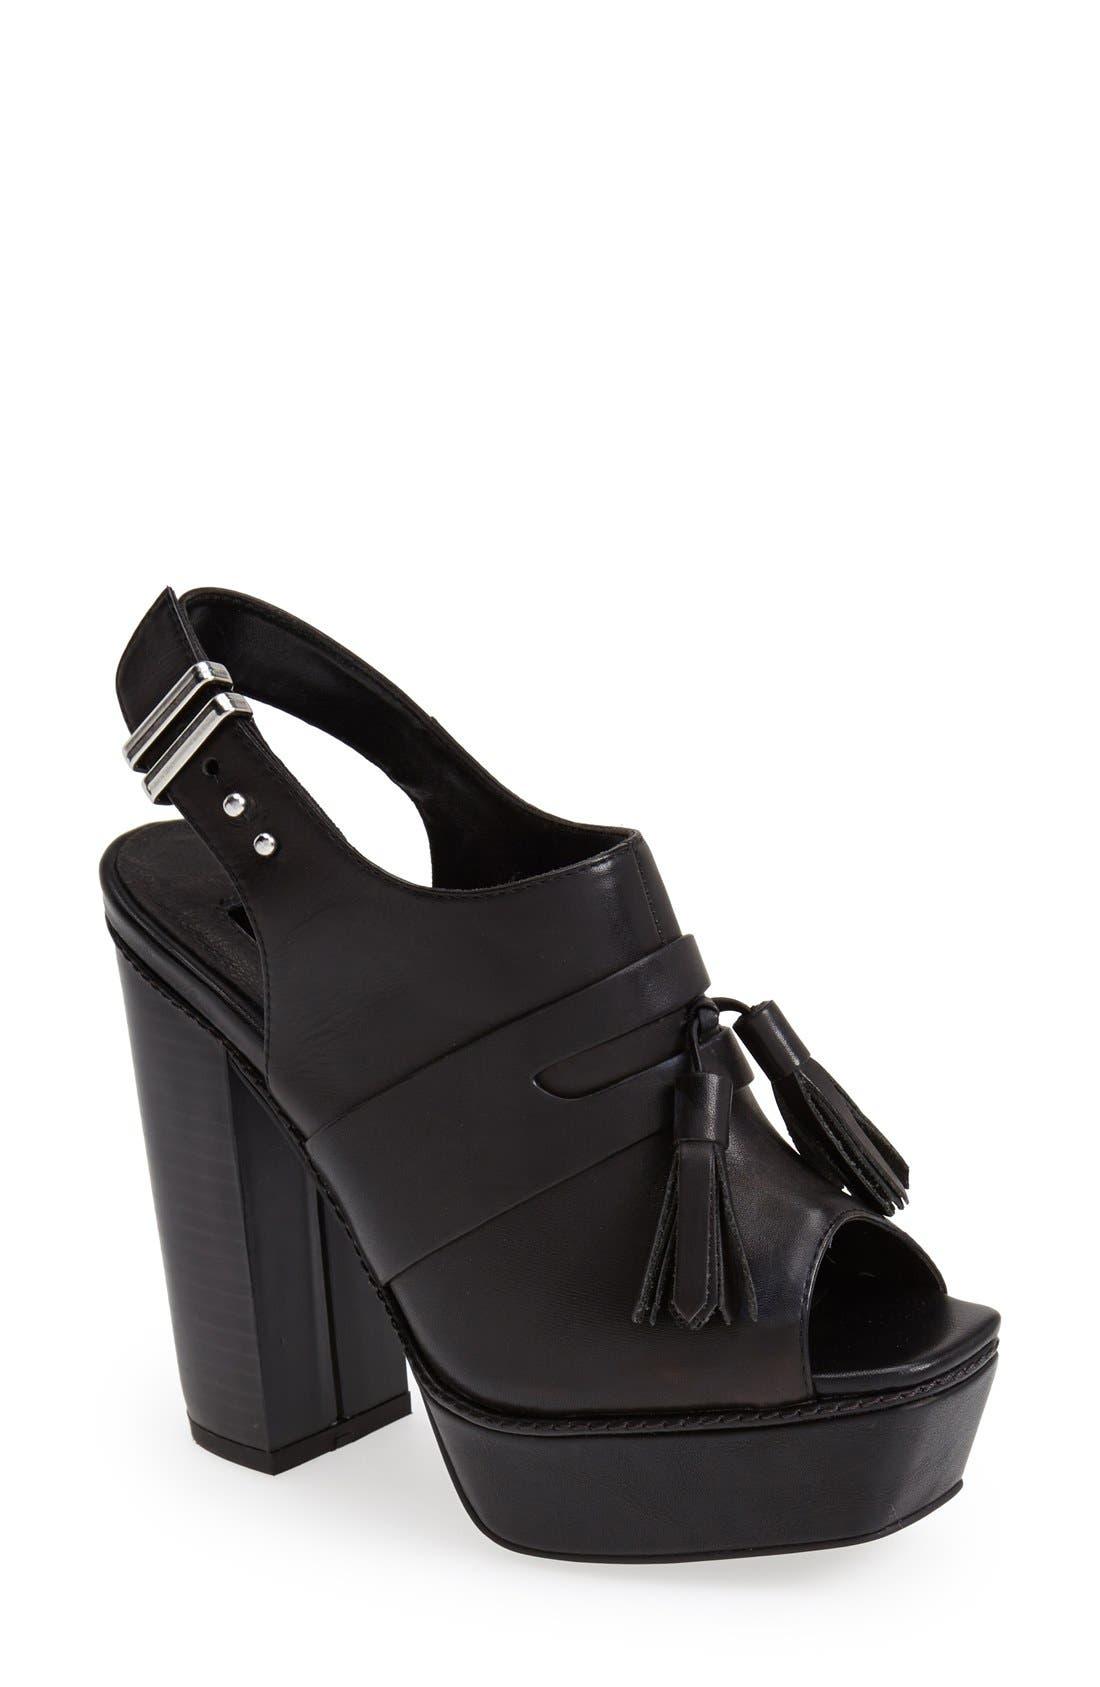 Alternate Image 1 Selected - Topshop 'Sassy' Platform Sandal